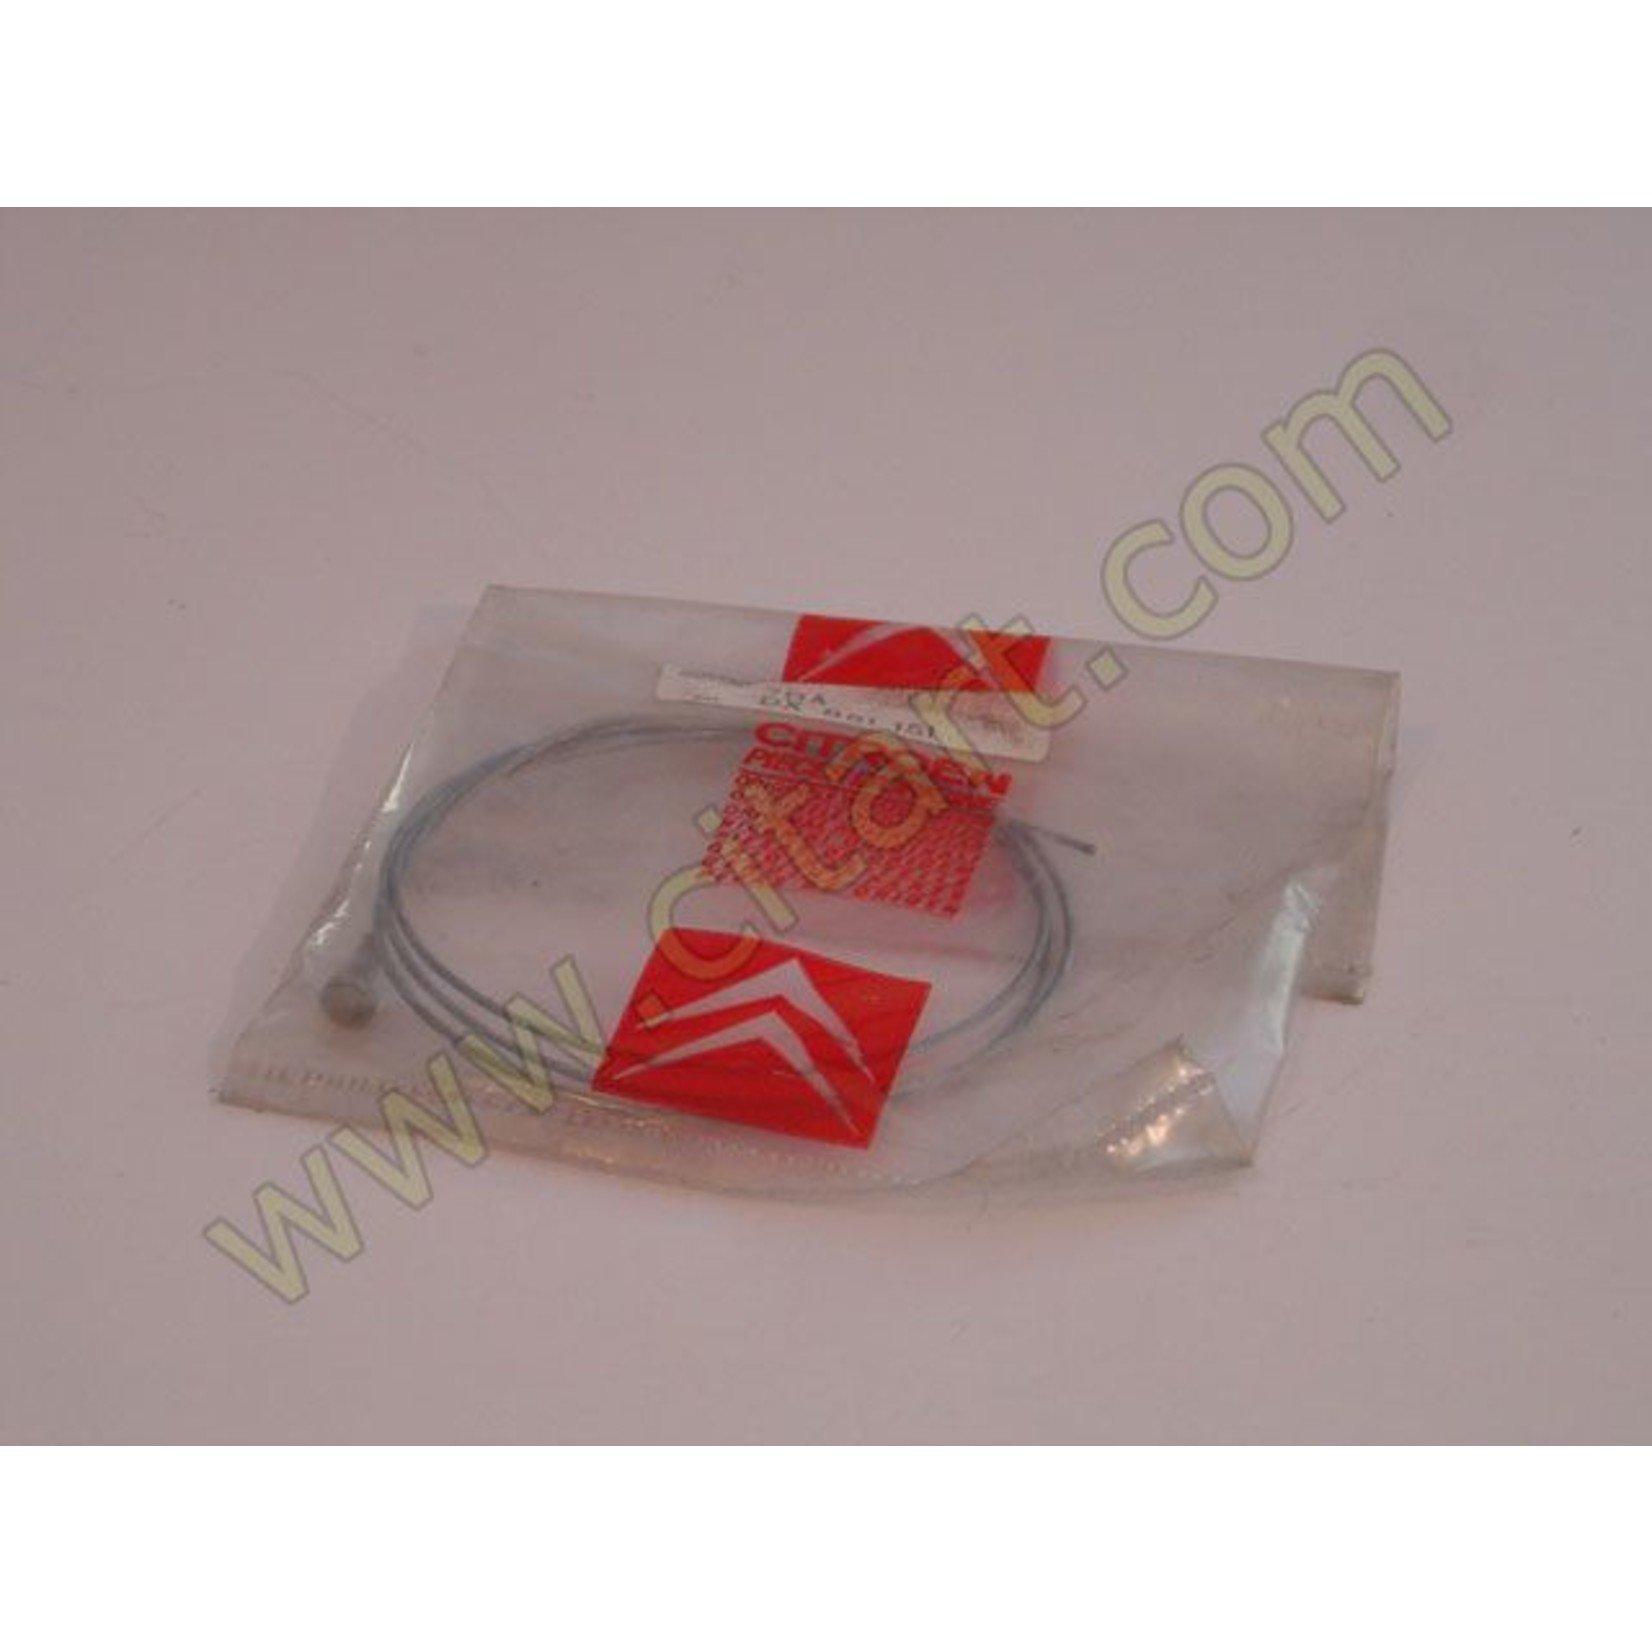 Cable bonnet lock Nr Org: DX861151